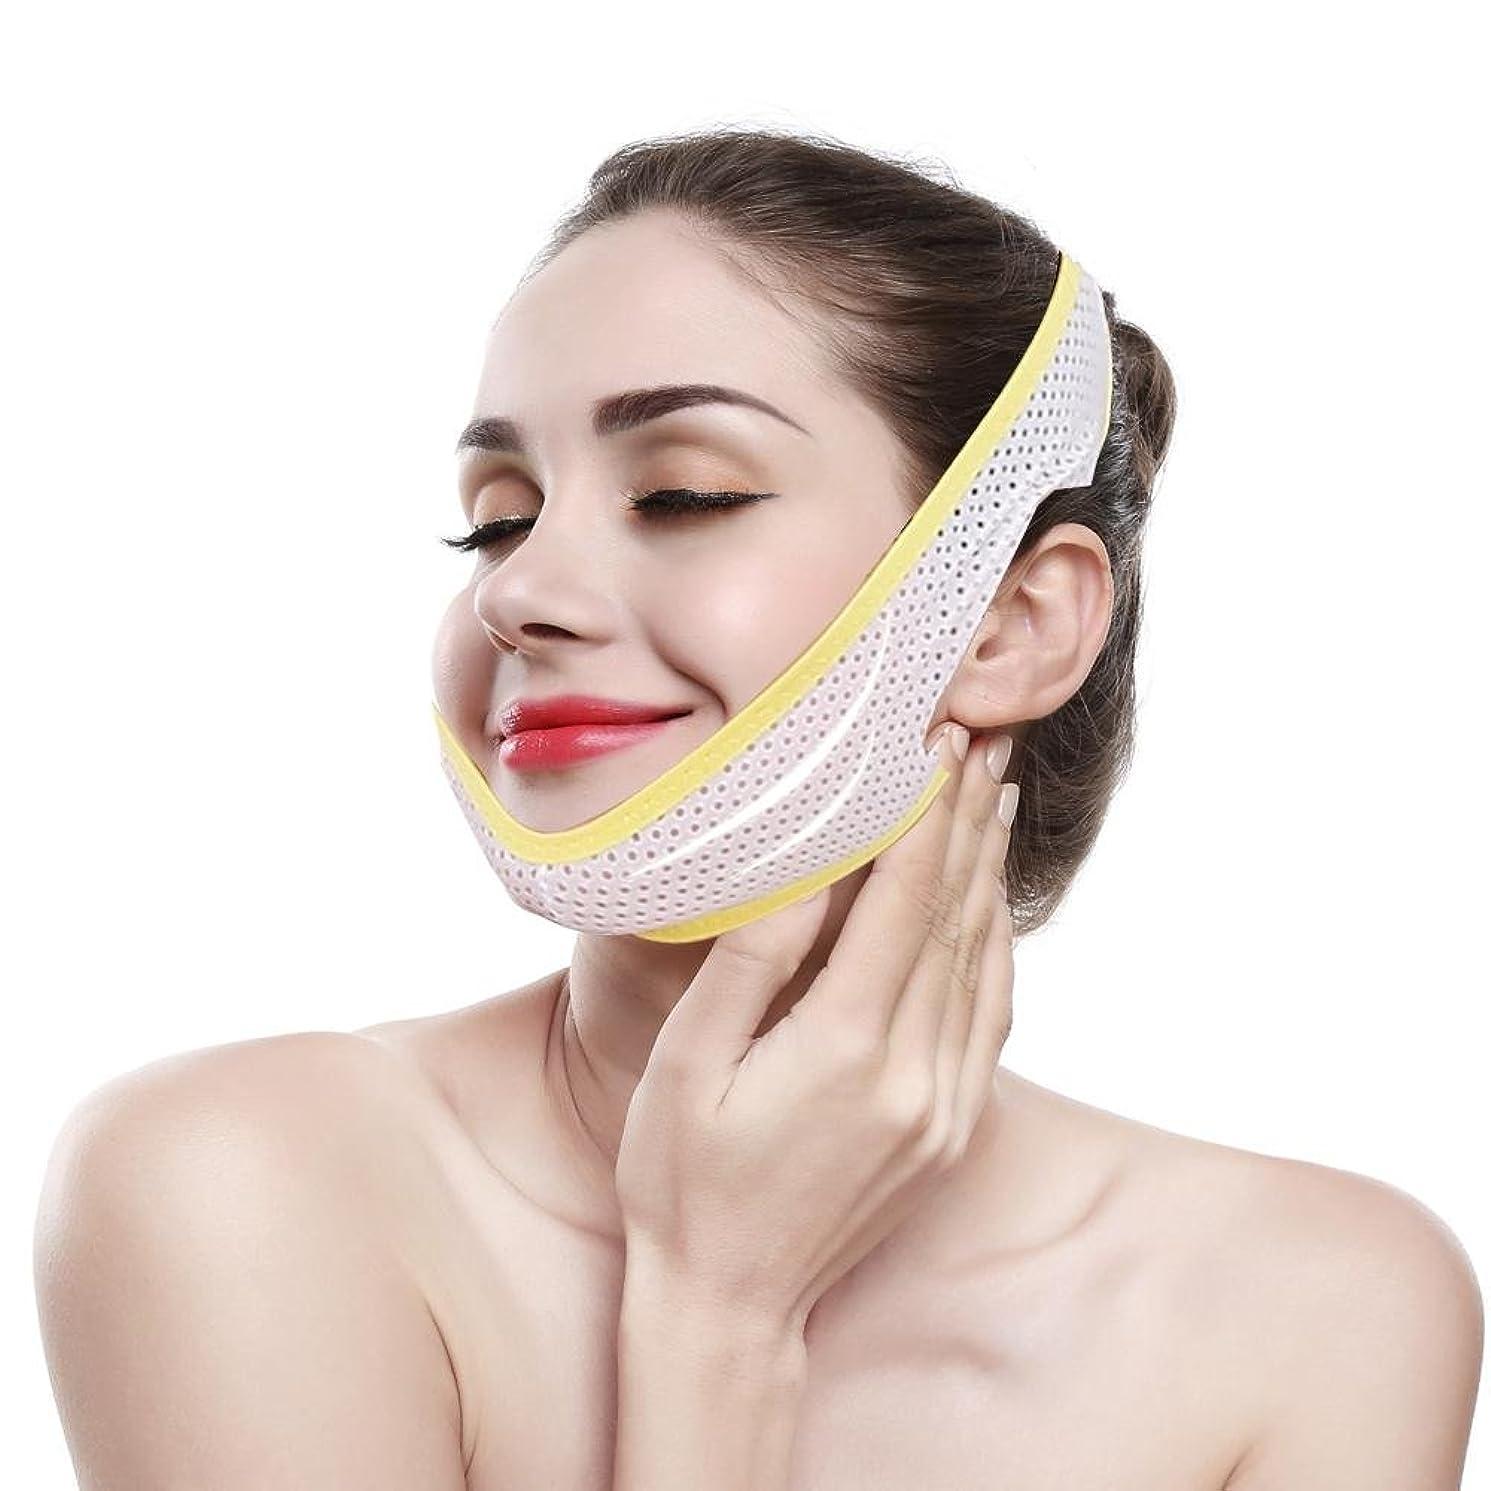 バーターマントル恥ずかしさ顎リフト フェイススリミング包帯 フェイスベルト 顔の包帯スリミングダブルチンVラインとフェイシャルケアファーミングスキン 女性の超薄型 フェイスマス クラインベルト スリミング製品マスク(M)